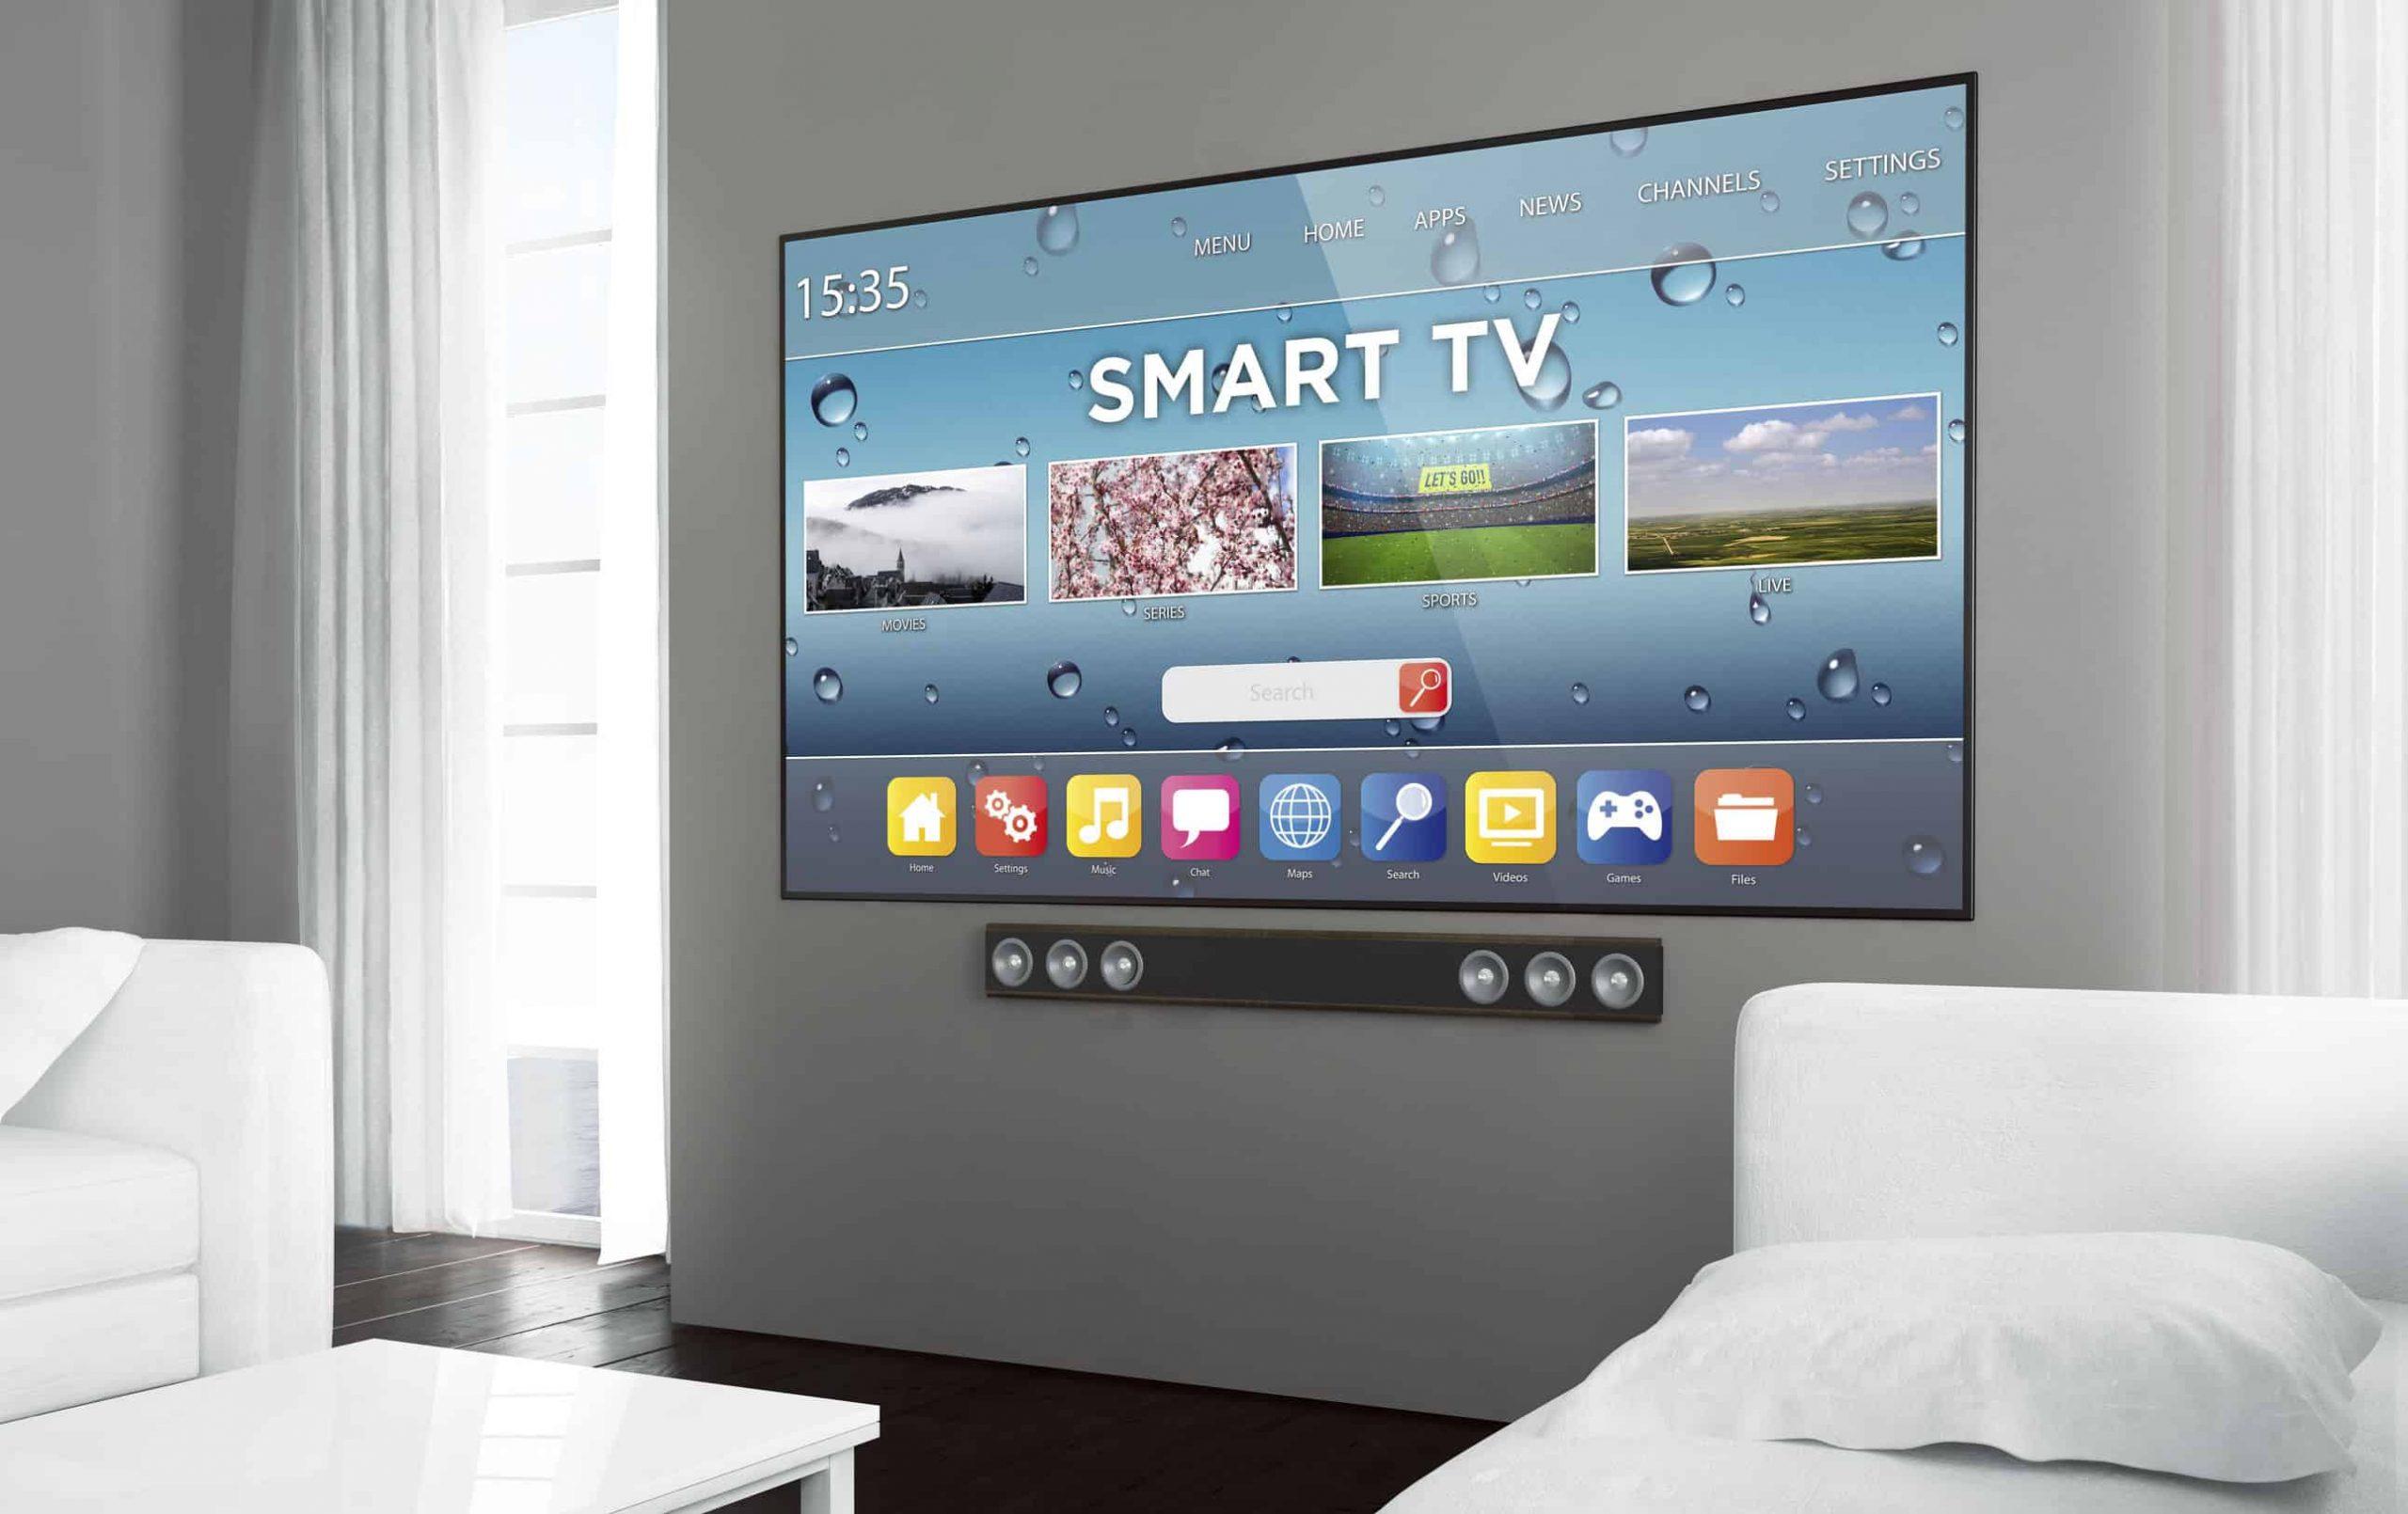 Smart TV Samsung: Como escolher a melhor para você em 2020